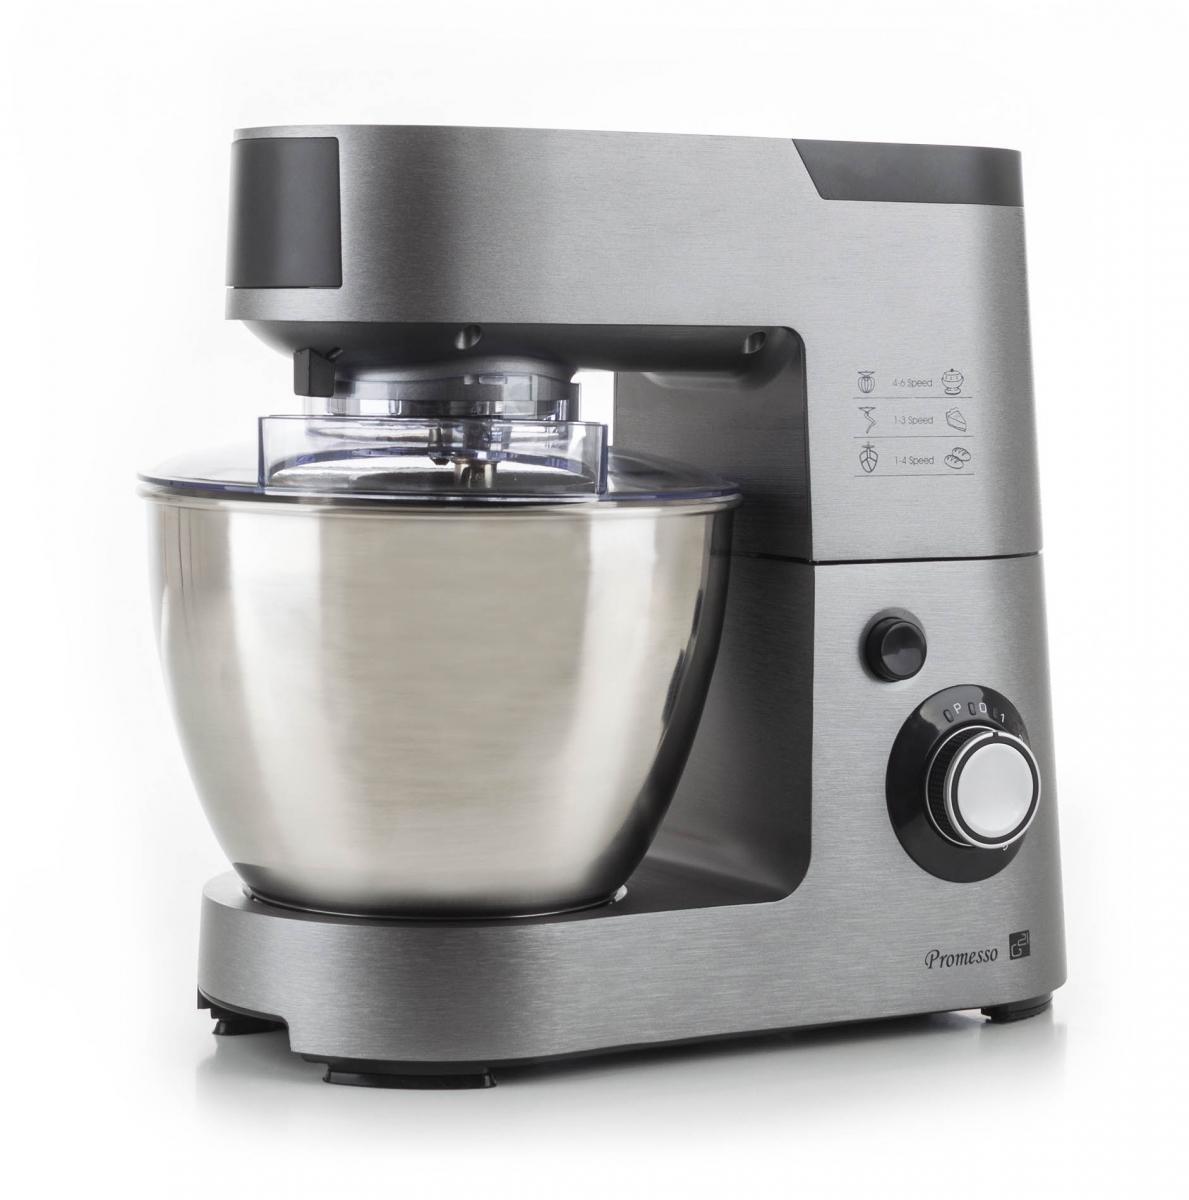 Kuchyňský robot G21 Promesso Iron Grey - šedý